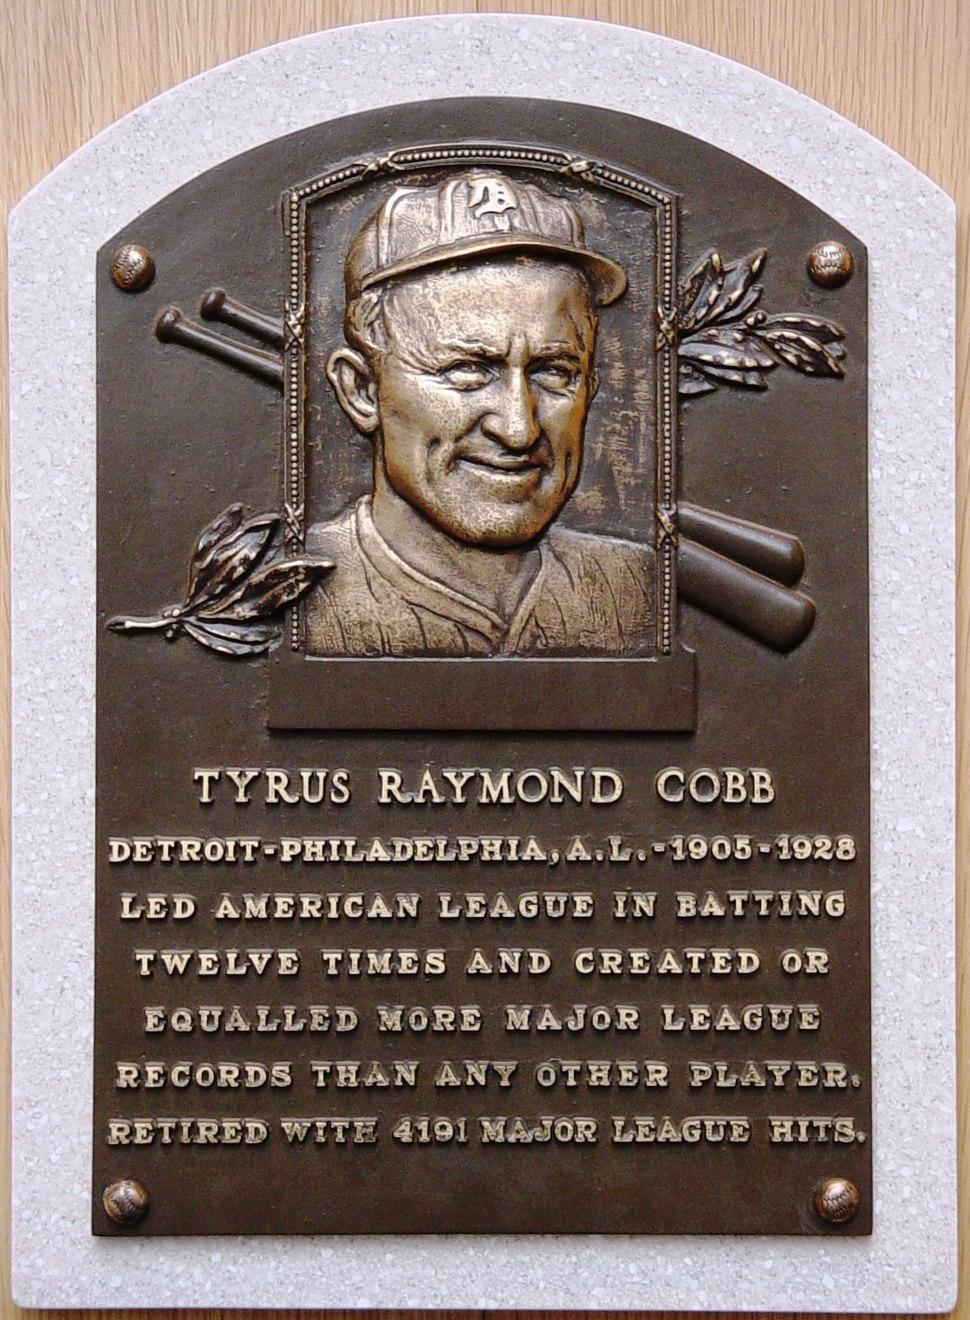 Ty Cobb HOF plaque